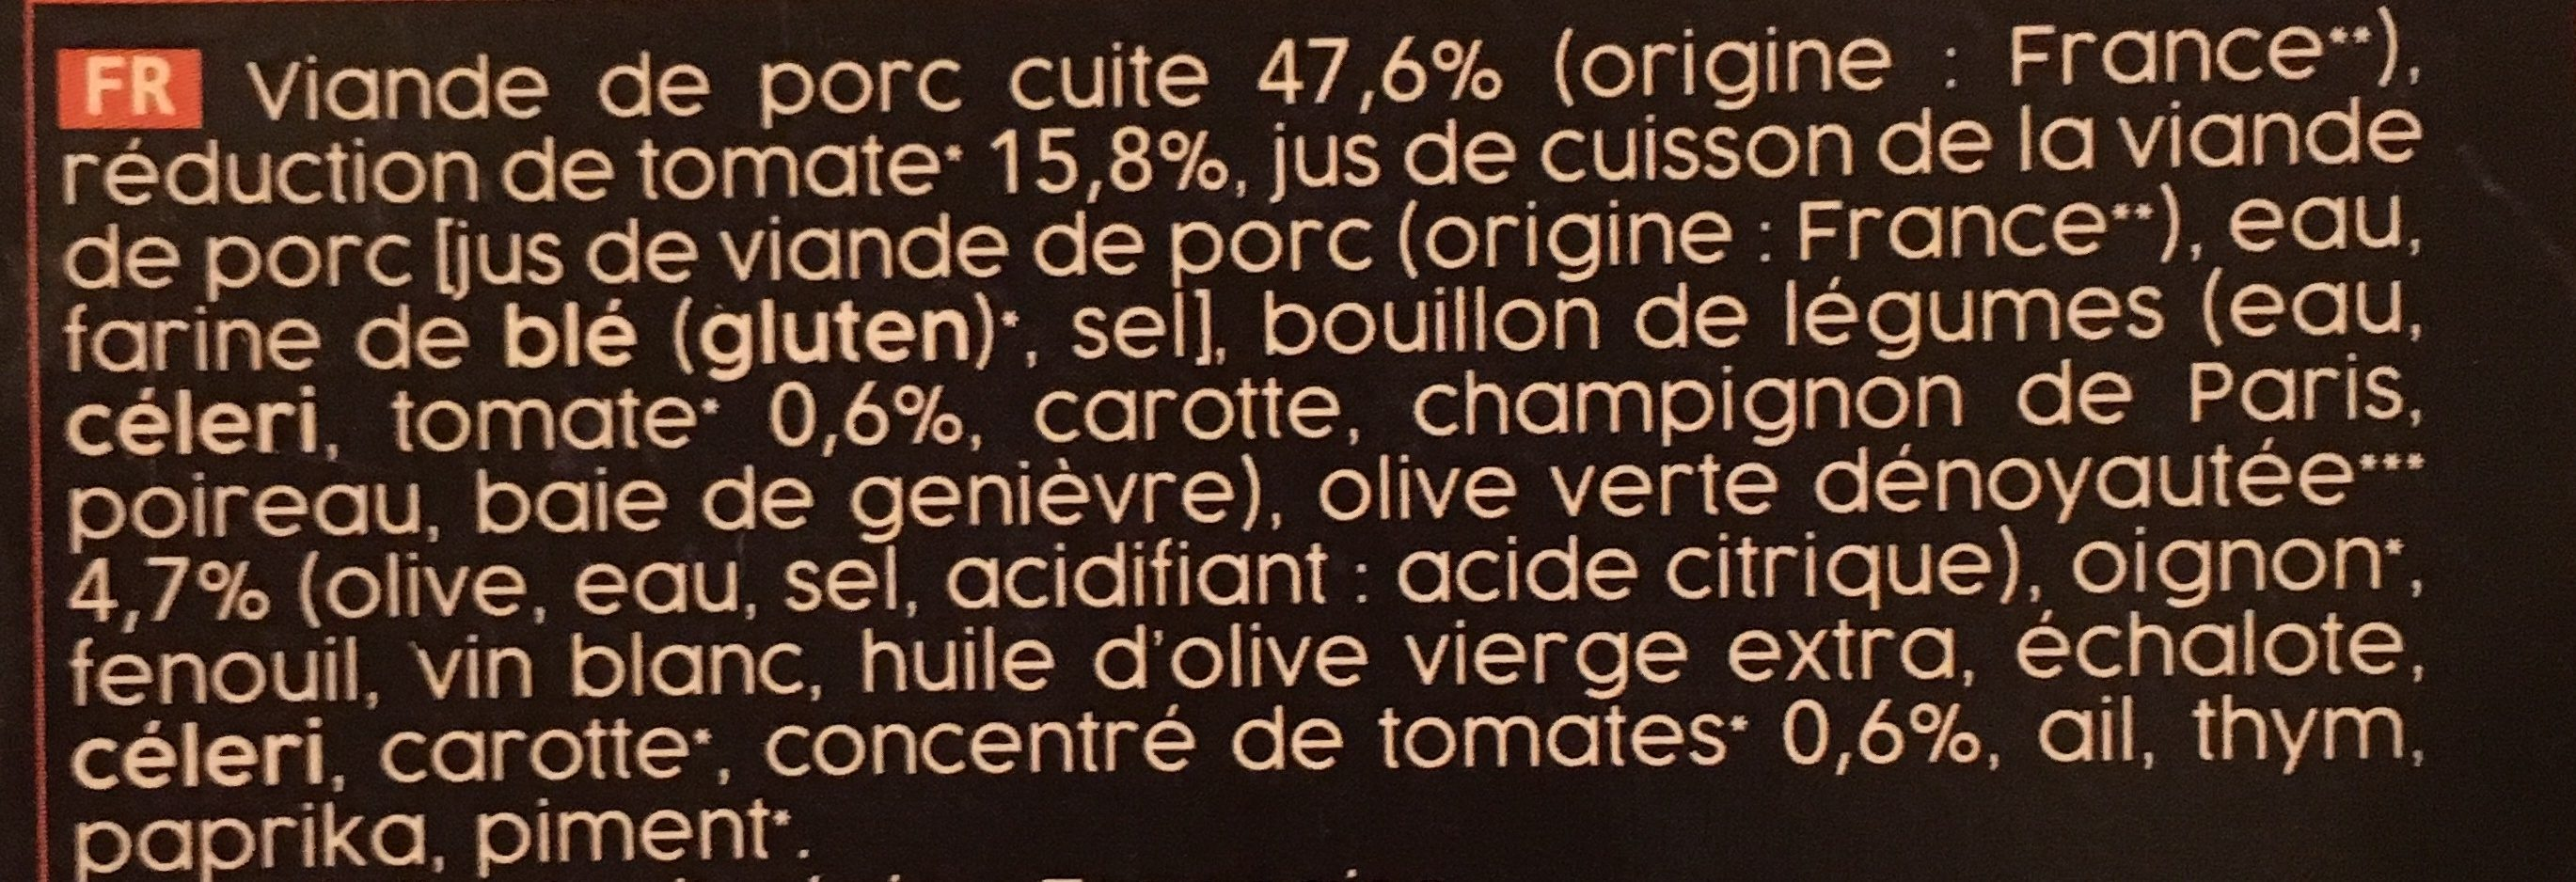 Sauté de Porc à la Tomate et aux Olives - Ingrédients - fr